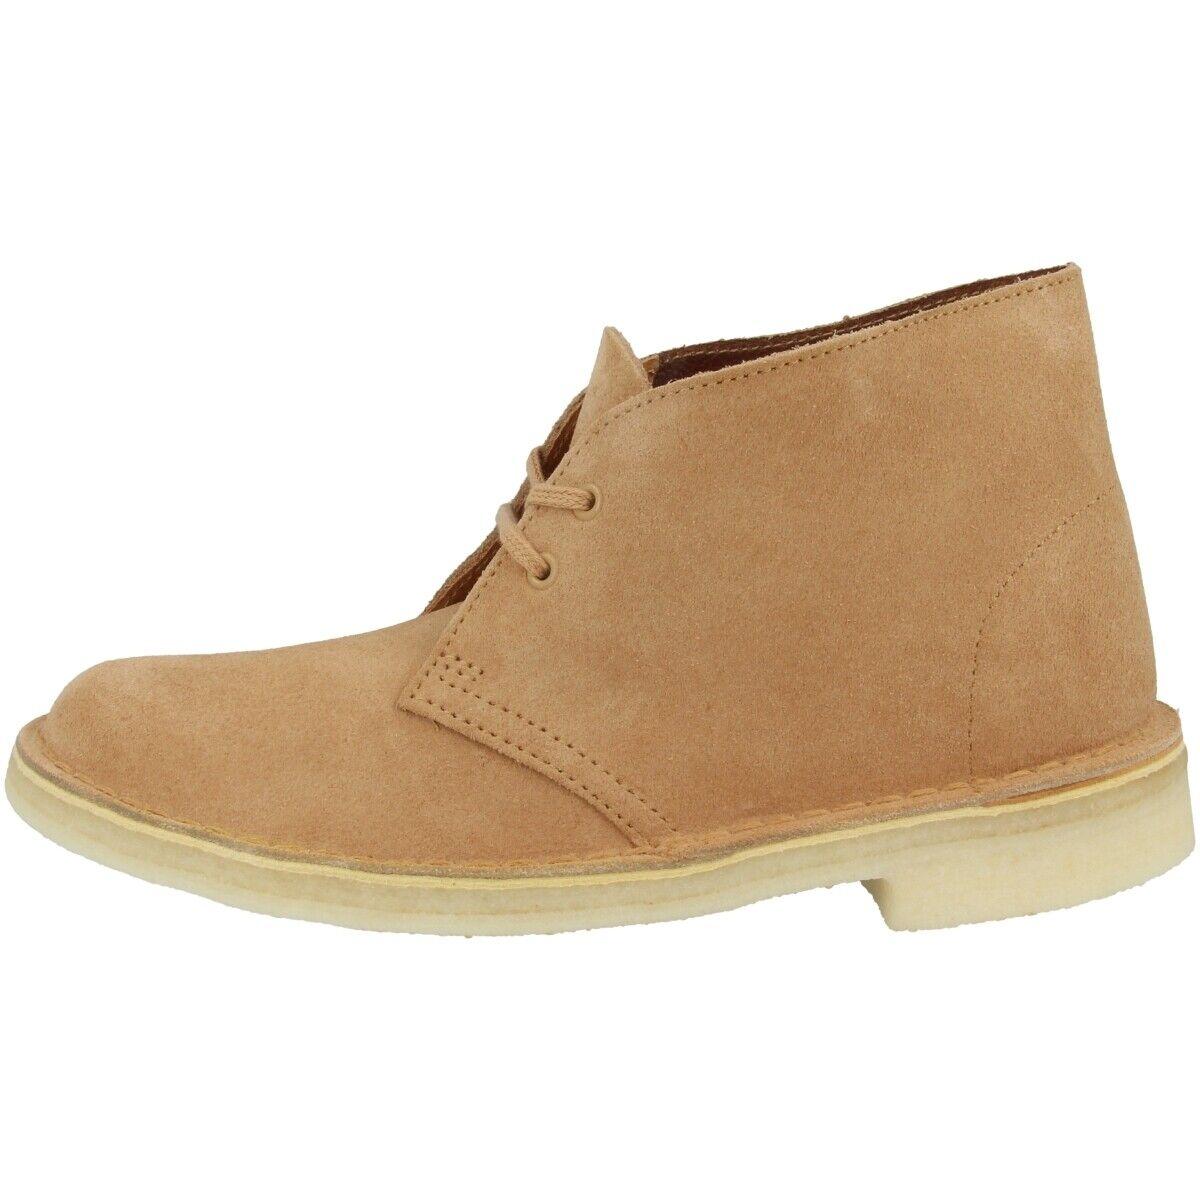 Clarks Desert bota mujer zapatos señora botas botas schnürzapatos tan 26138822